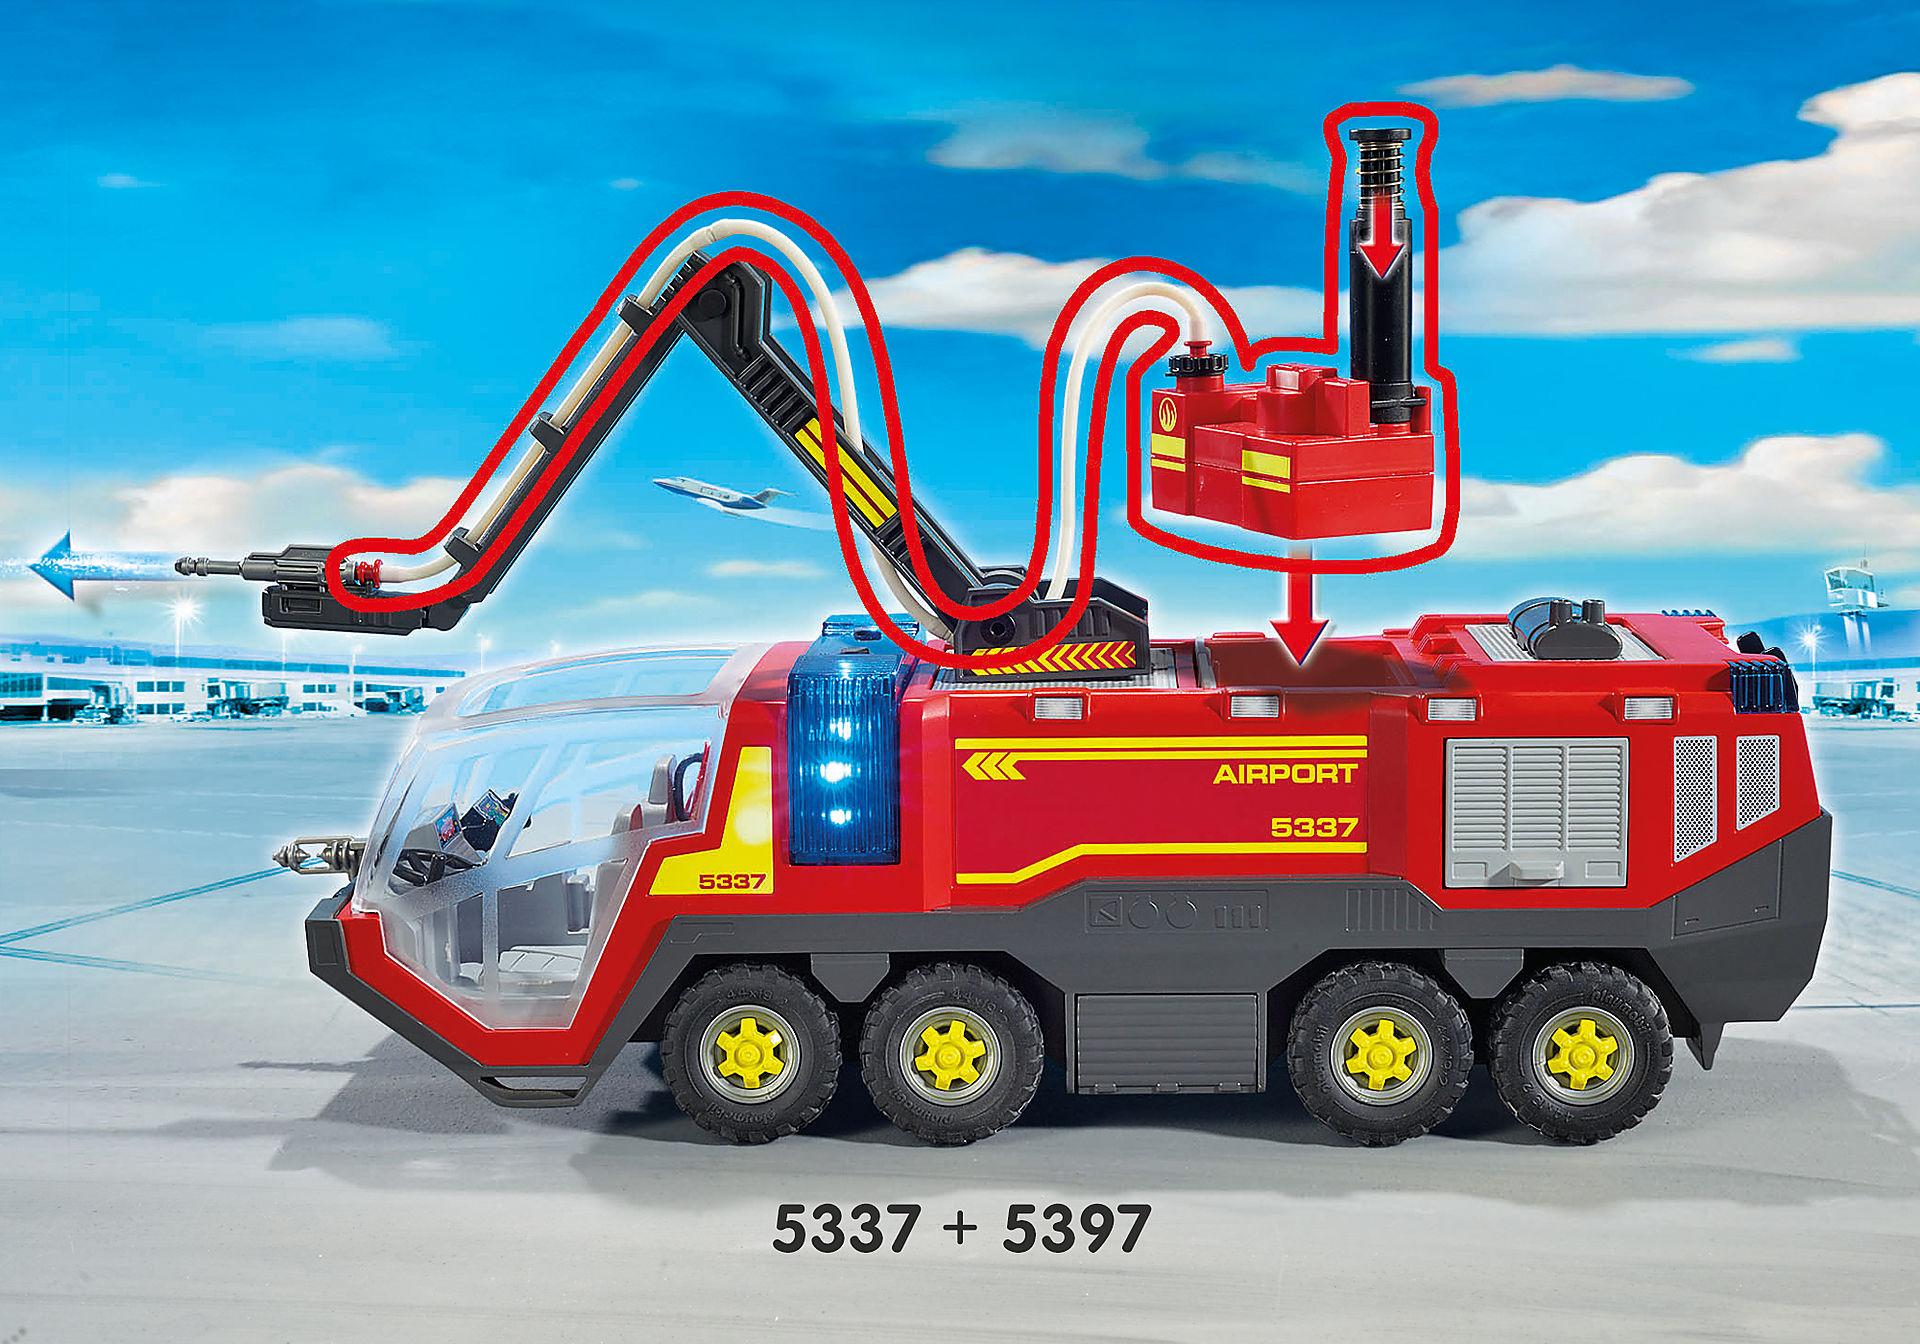 5337 Pojazd strażacki na lotnisku ze światłem zoom image9